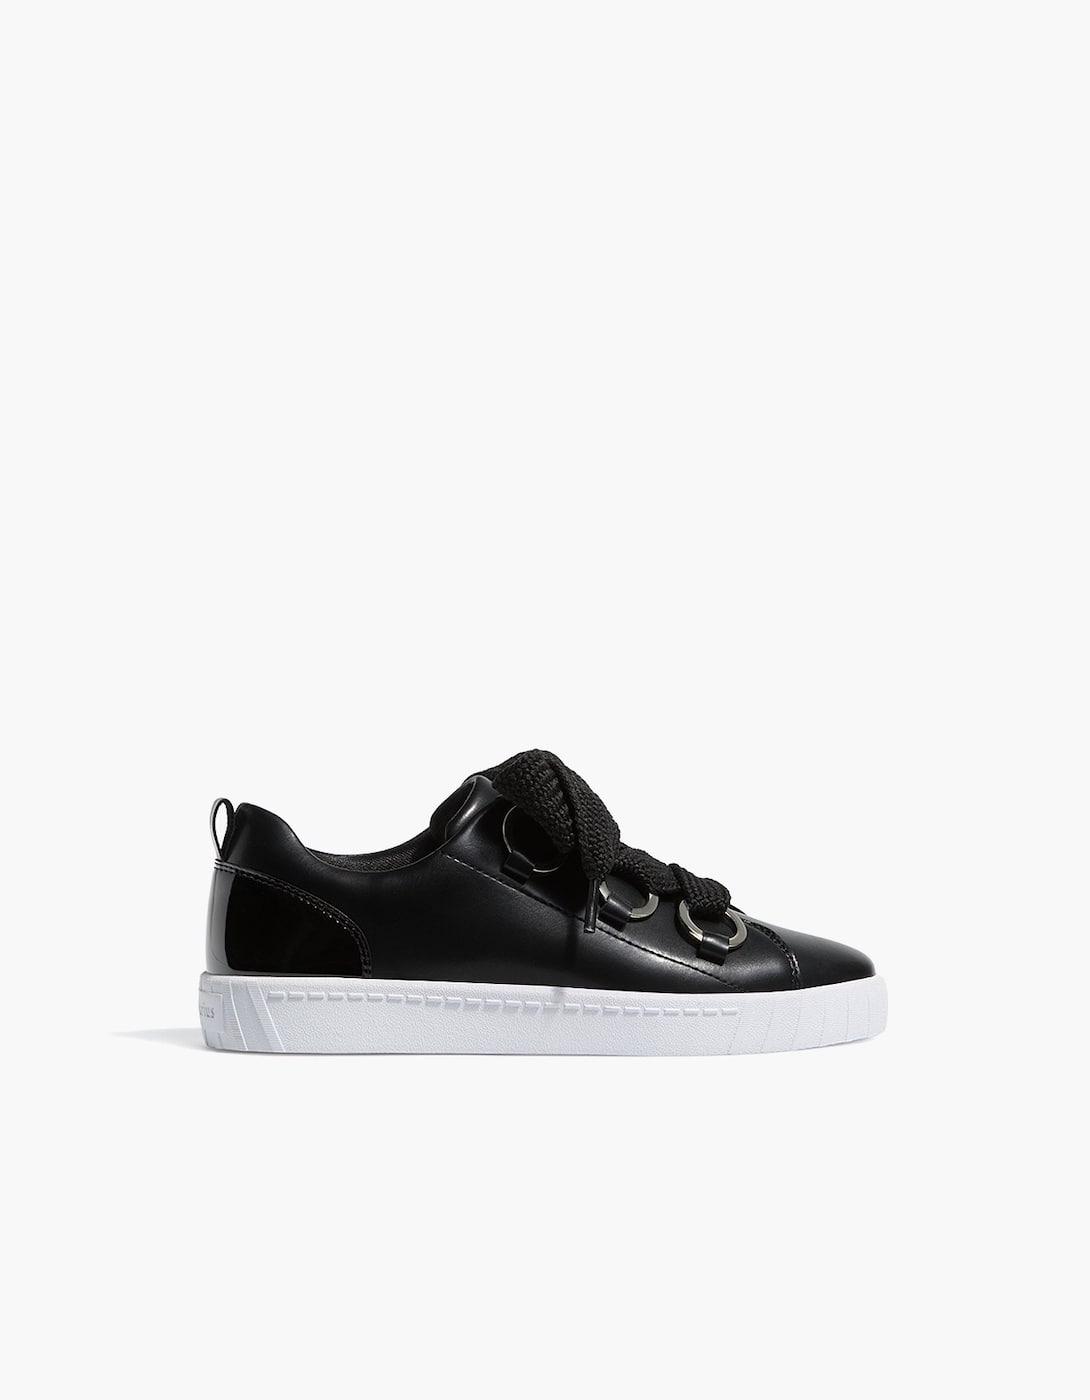 Geschnürte Sneaker in Schwarz Schwarz xinf4pQ5